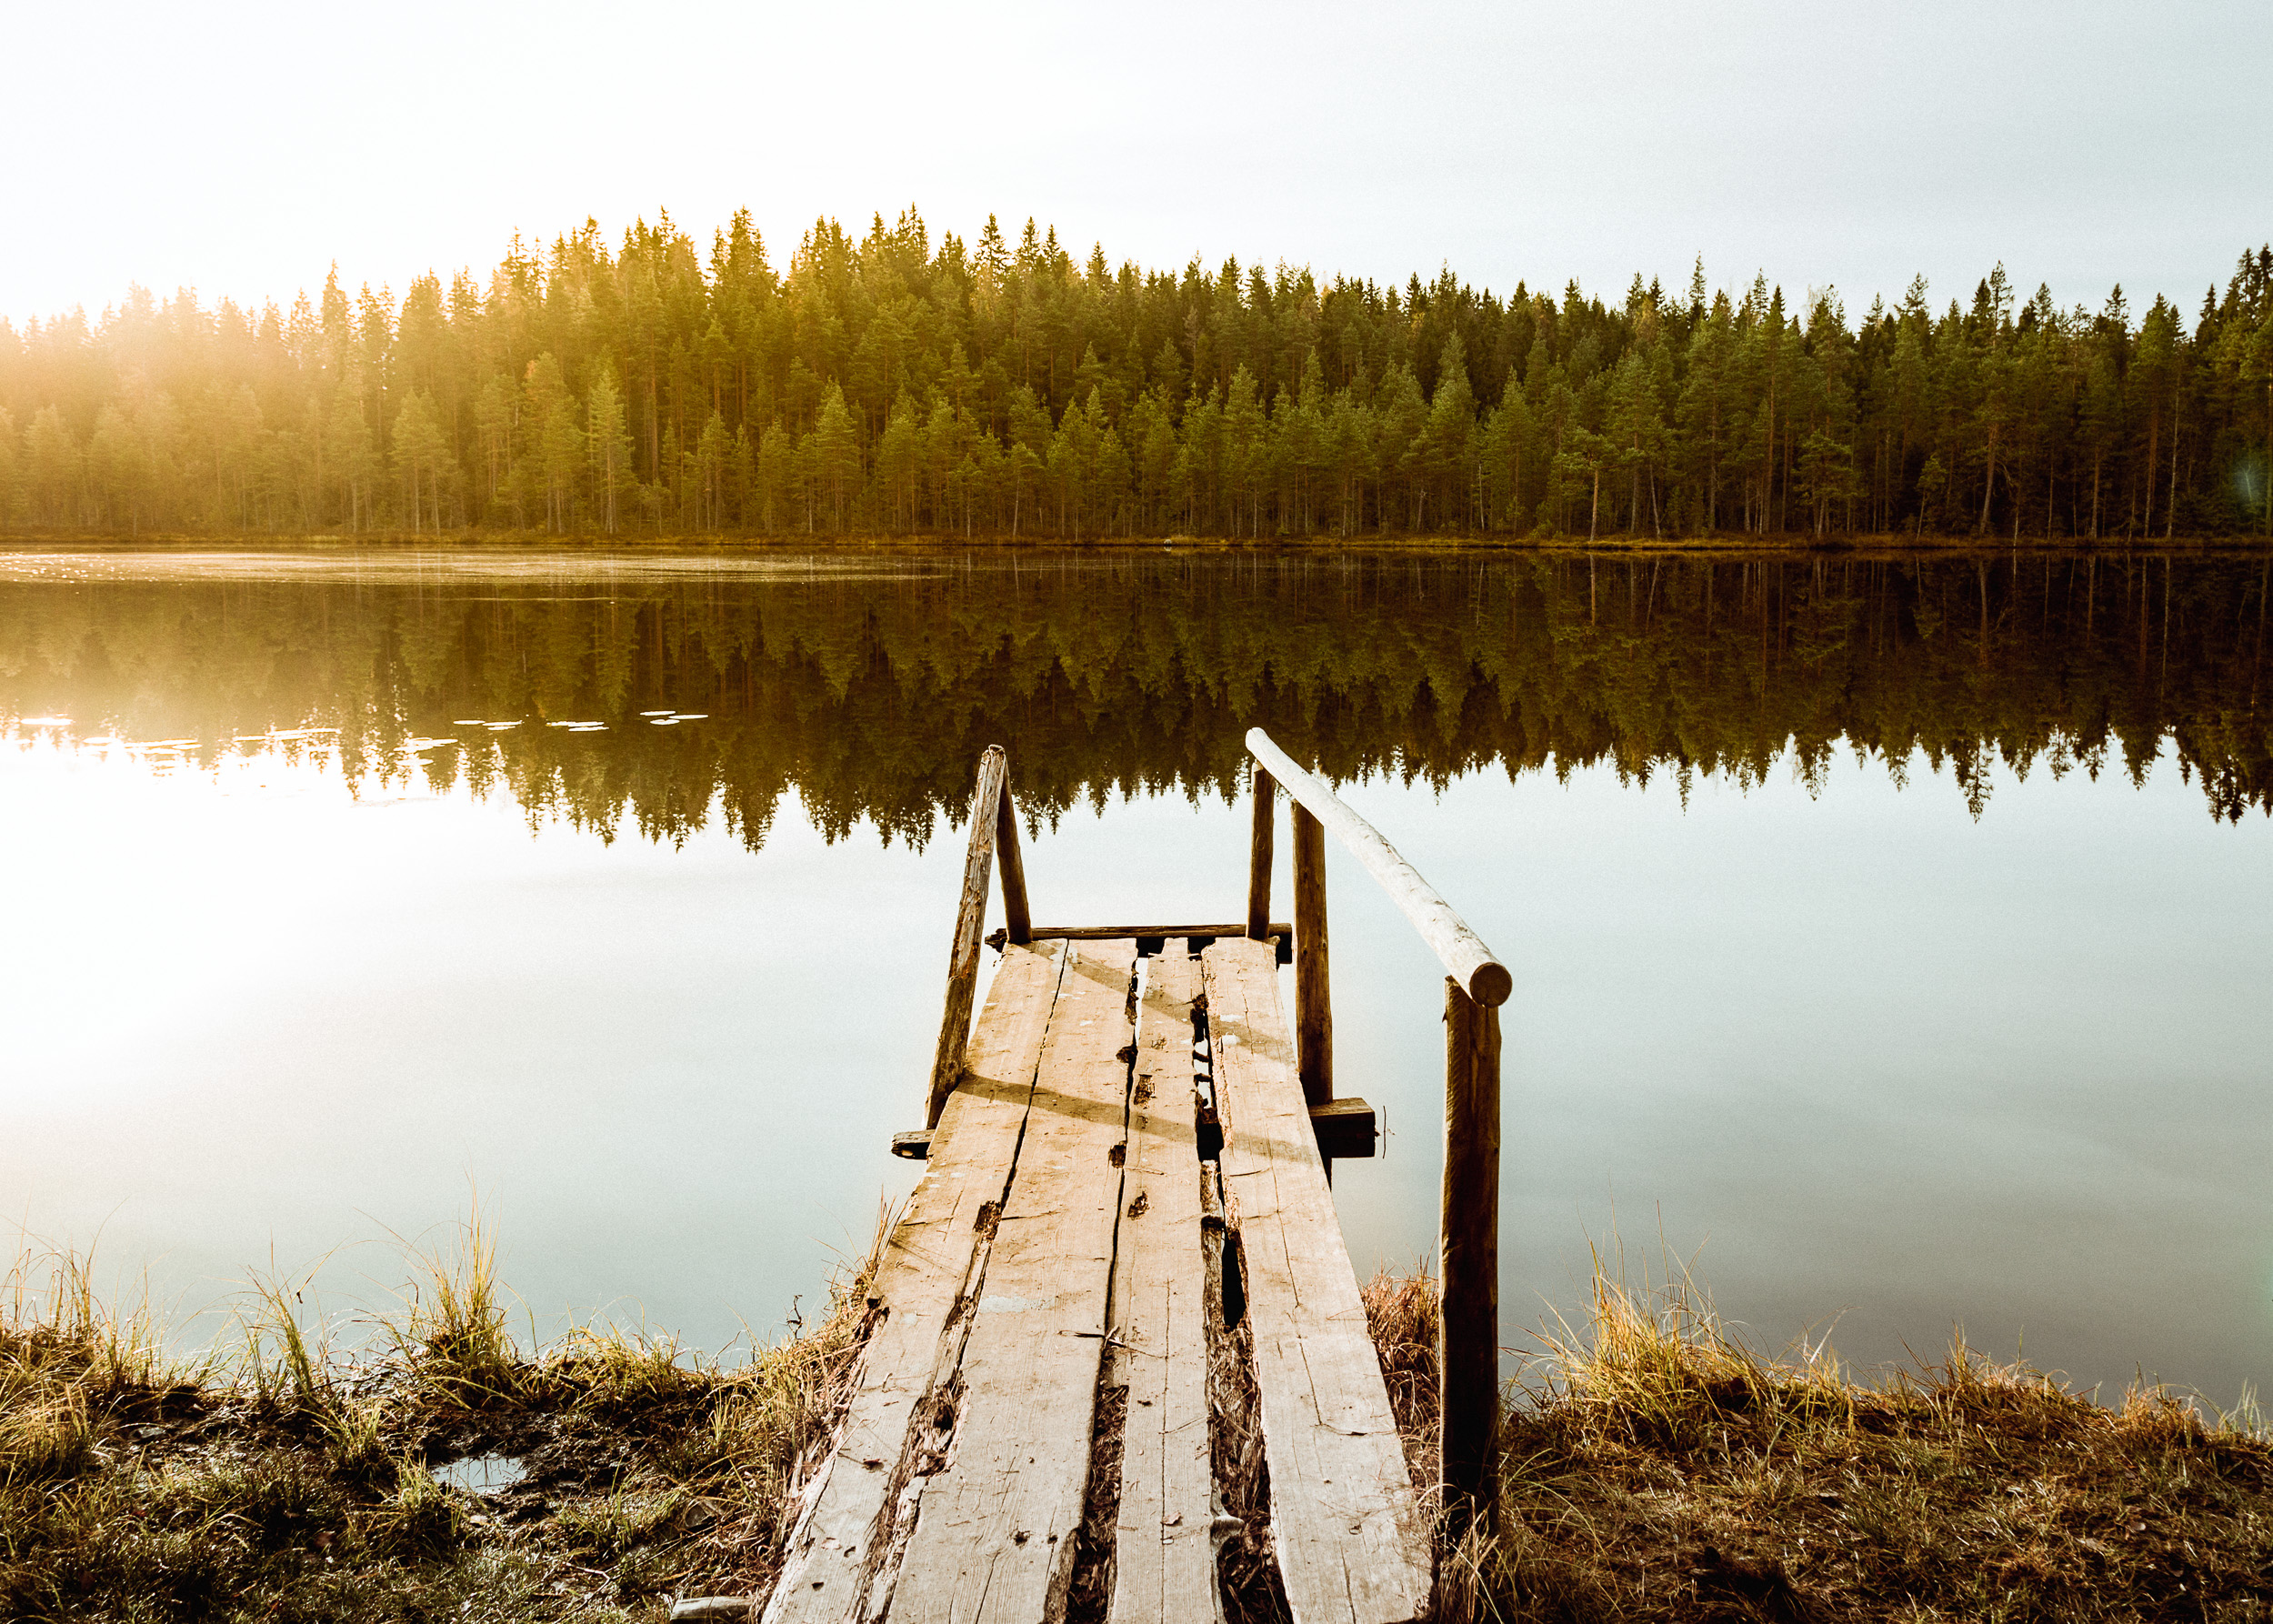 39-seitseminen-national-park-finland-sunrise-hiking-anna-elina-lahti-photographer.jpg